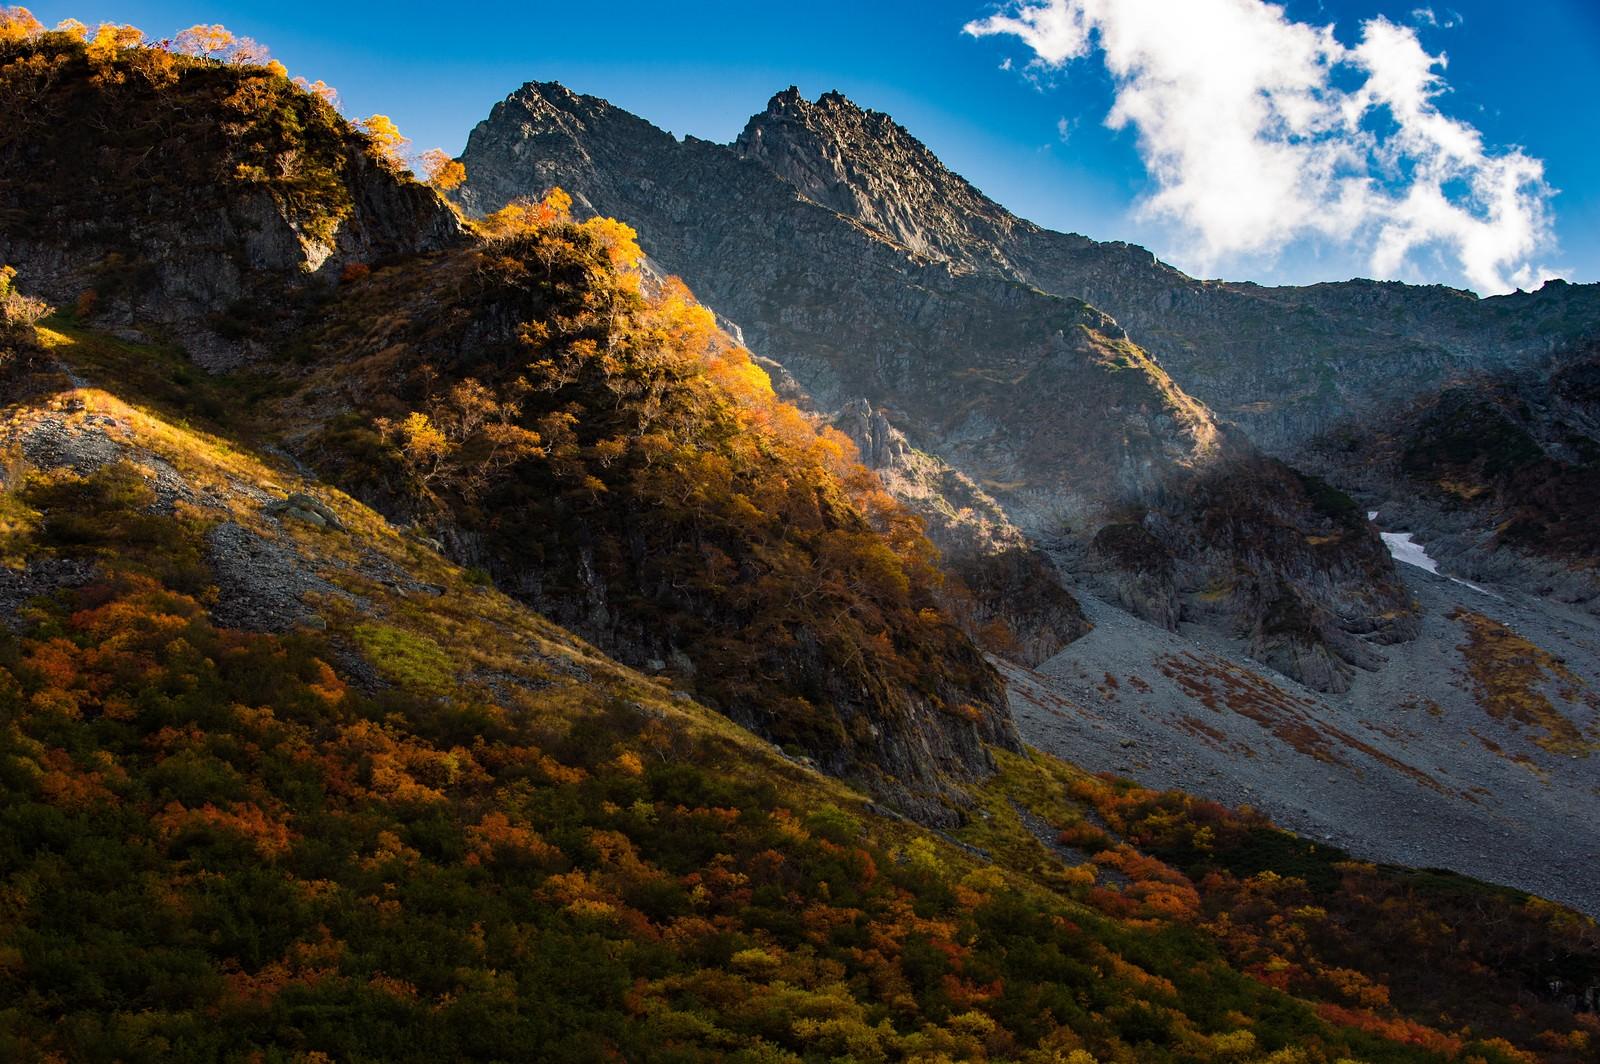 「北アルプスの岩肌と涸沢カールの紅葉」の写真